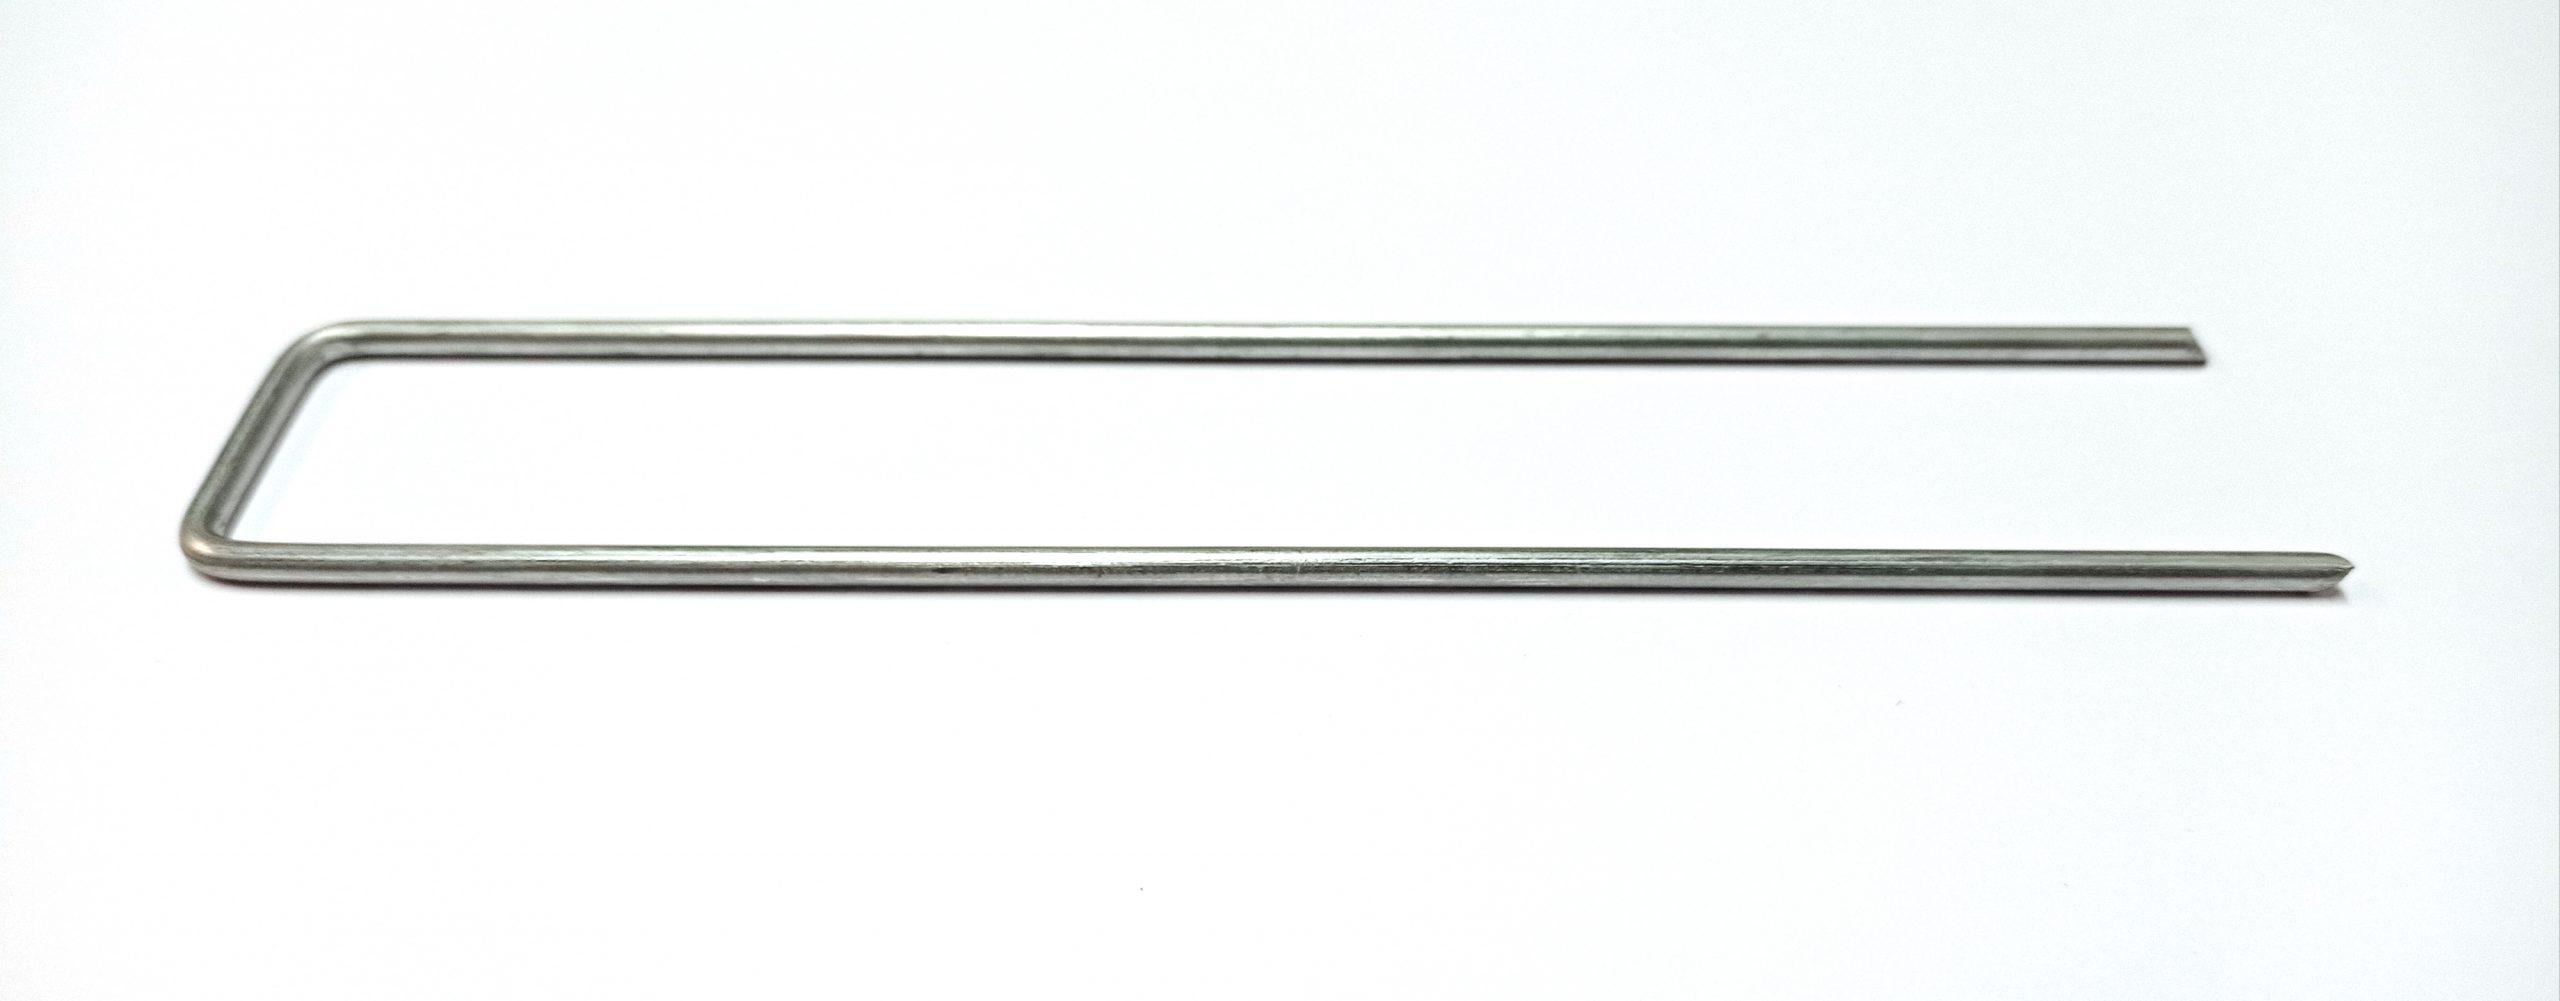 grapa malla antihierbas galvanizada